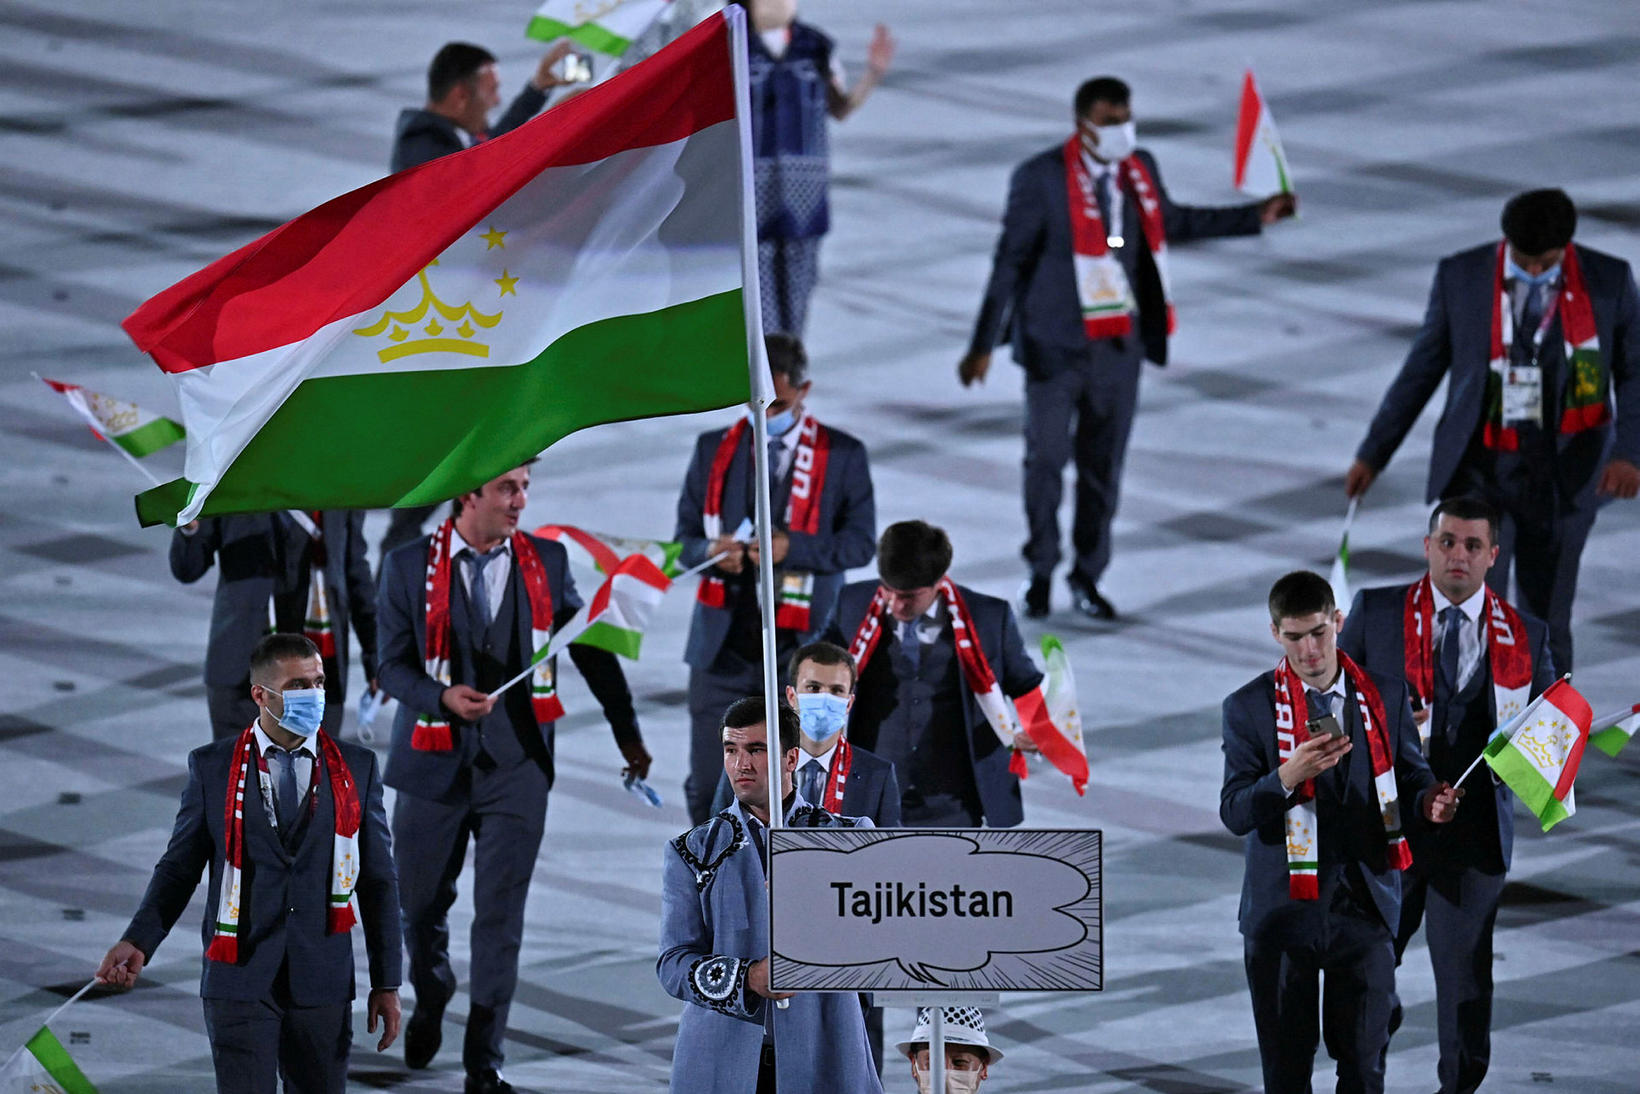 Hjá Tadjikistan voru þátttakendur ýmist með grímur eða ekki.